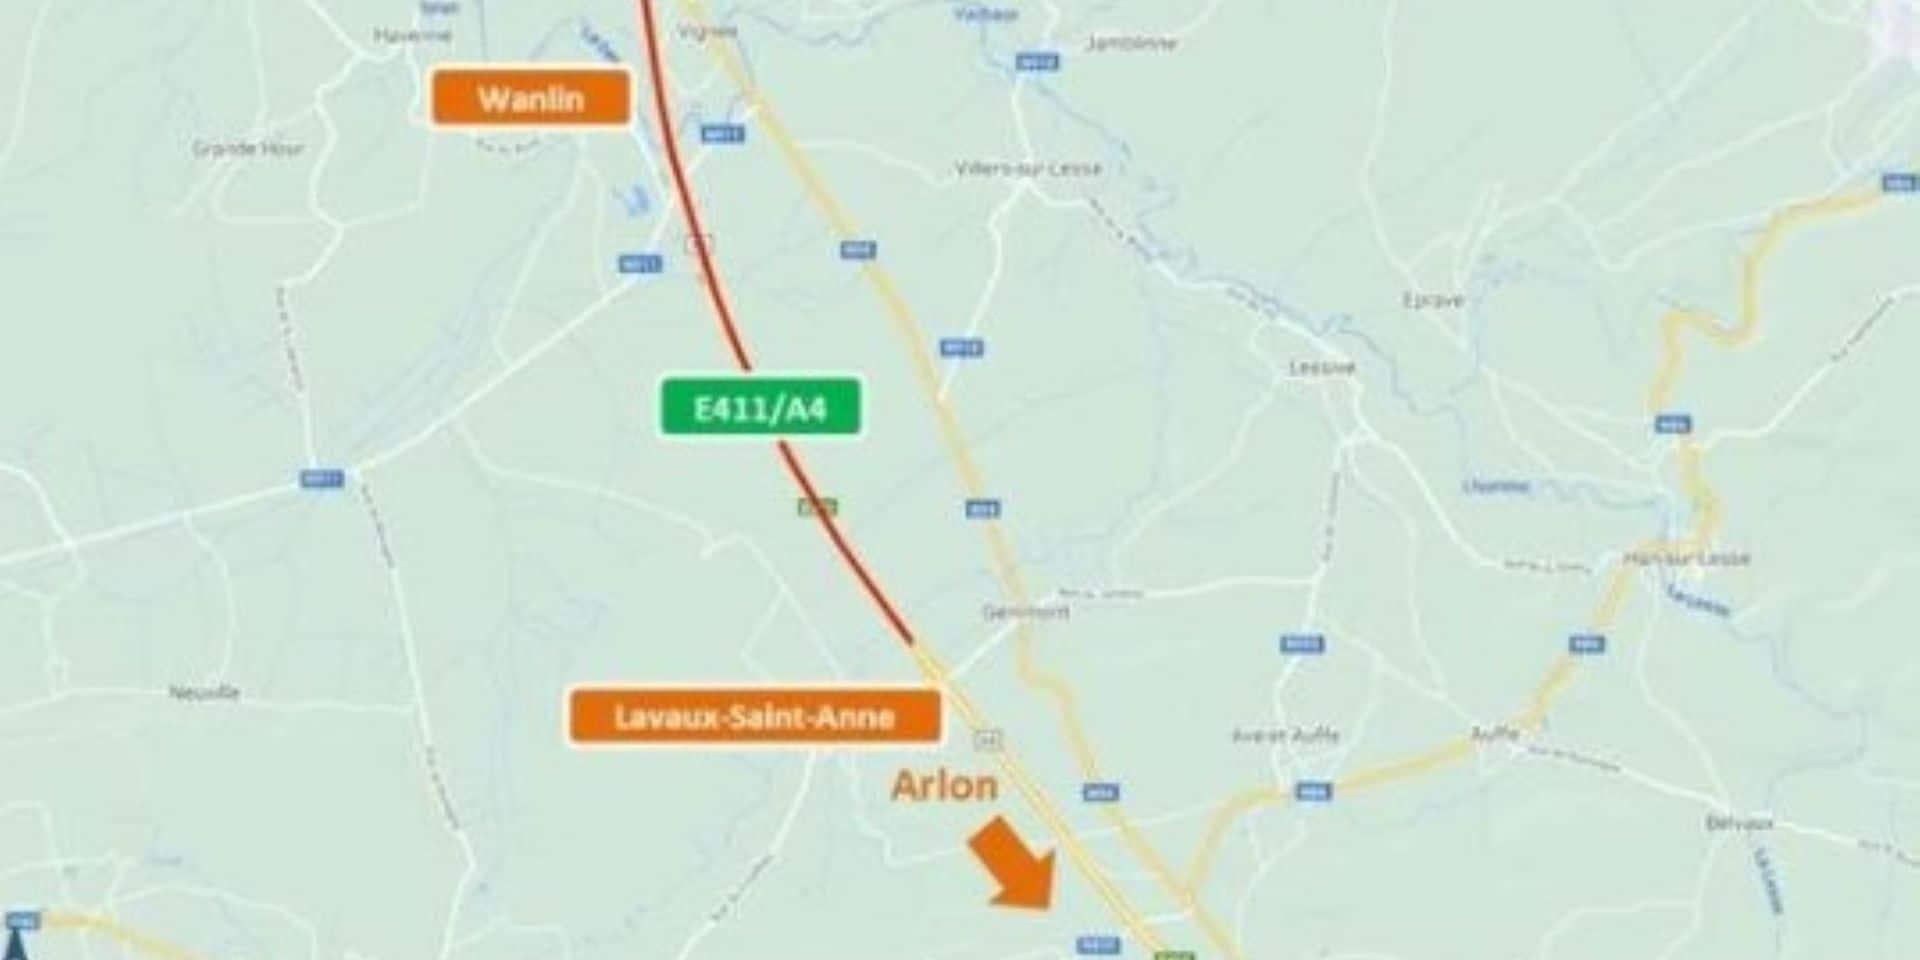 Autoroute E 411 : lancement d'un chantier de réhabilitation vers Arlon